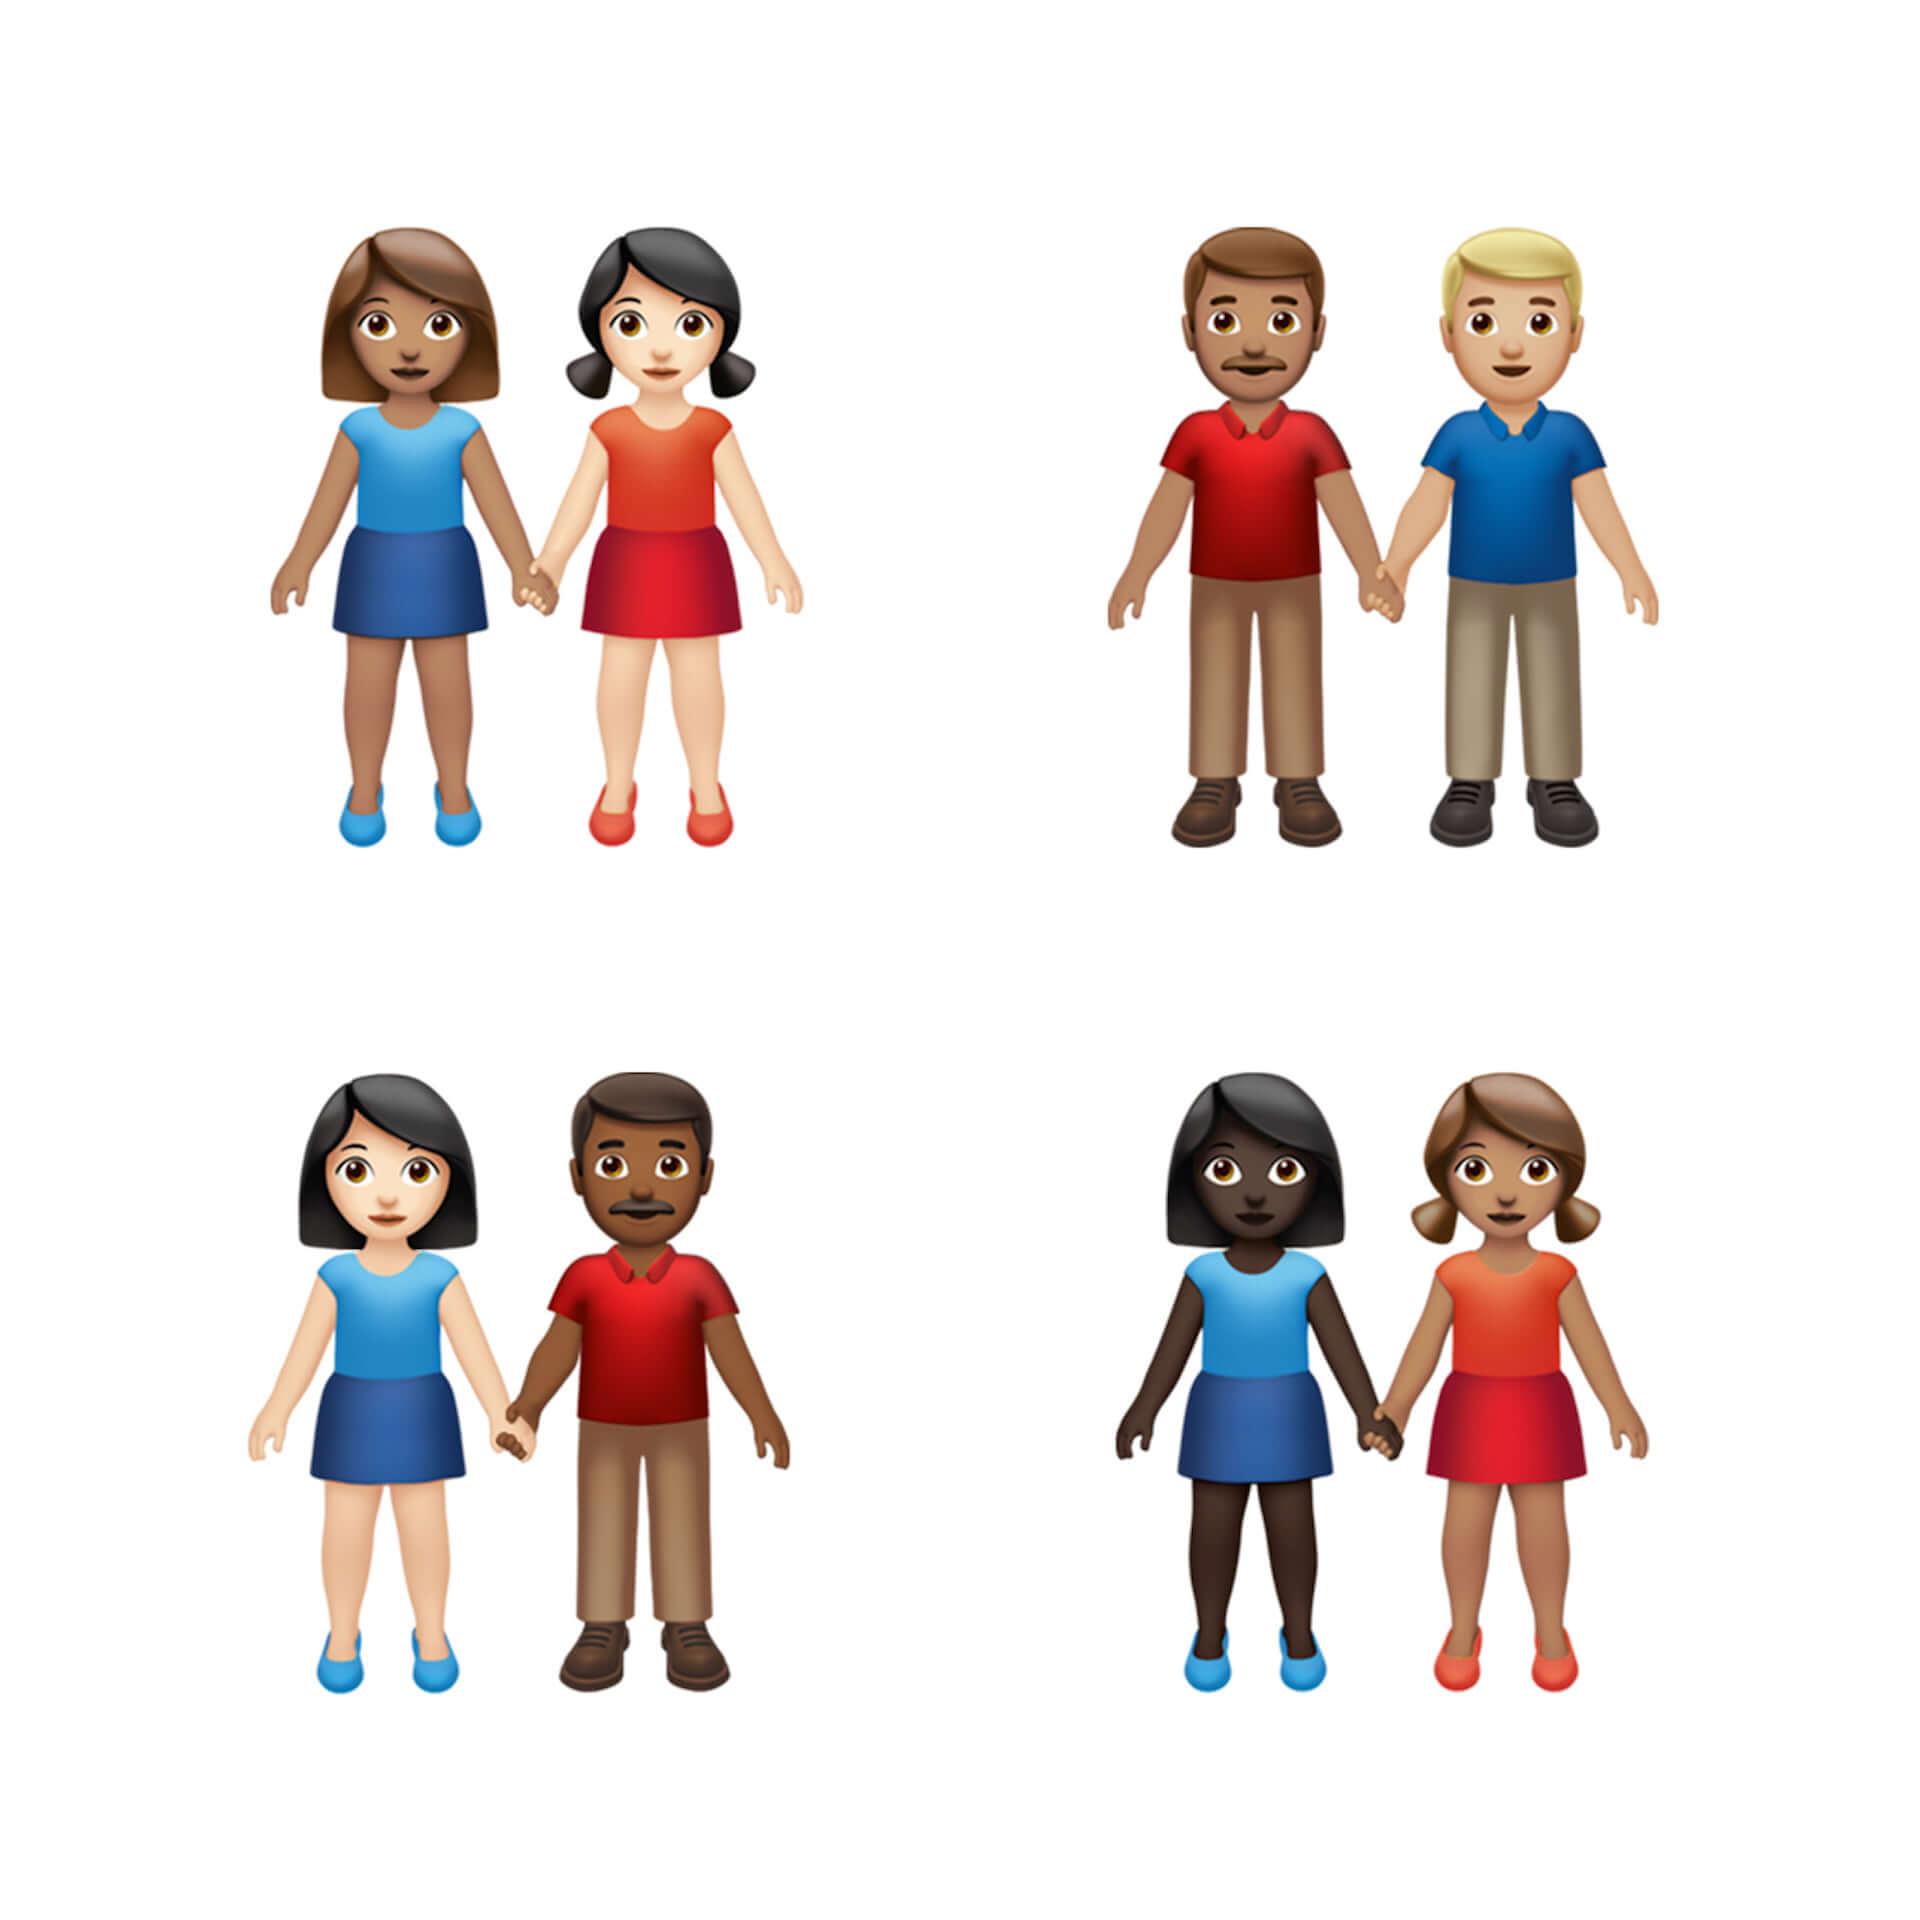 キュートな動物たちから多様性を奨励する絵文字まで!Apple「iOS 13」に追加予定の絵文字の一部が公開に tech190717_apple_emoji_2-1920x1920